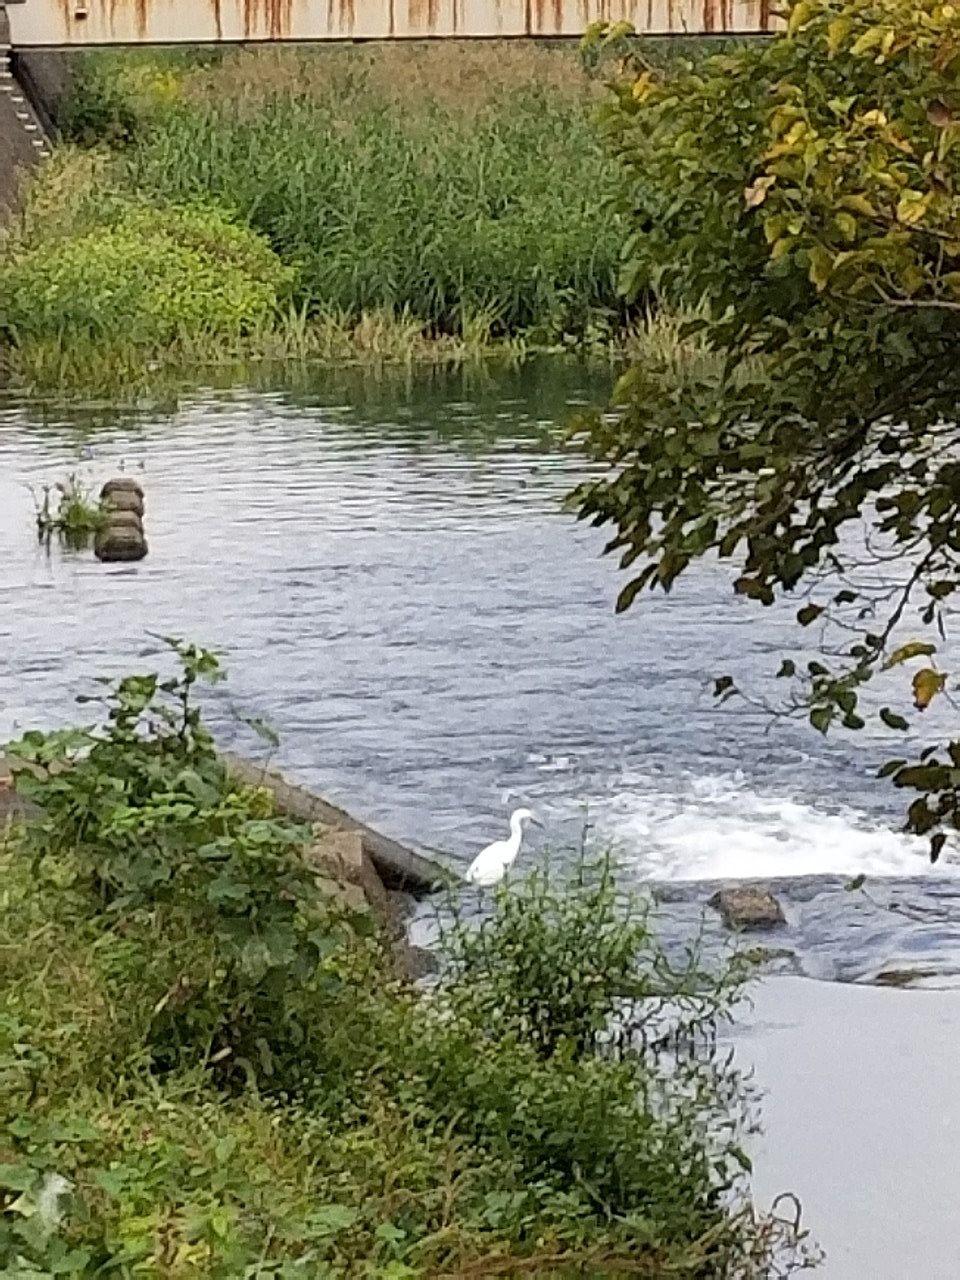 出てすぐの落合川、サギが止まっている